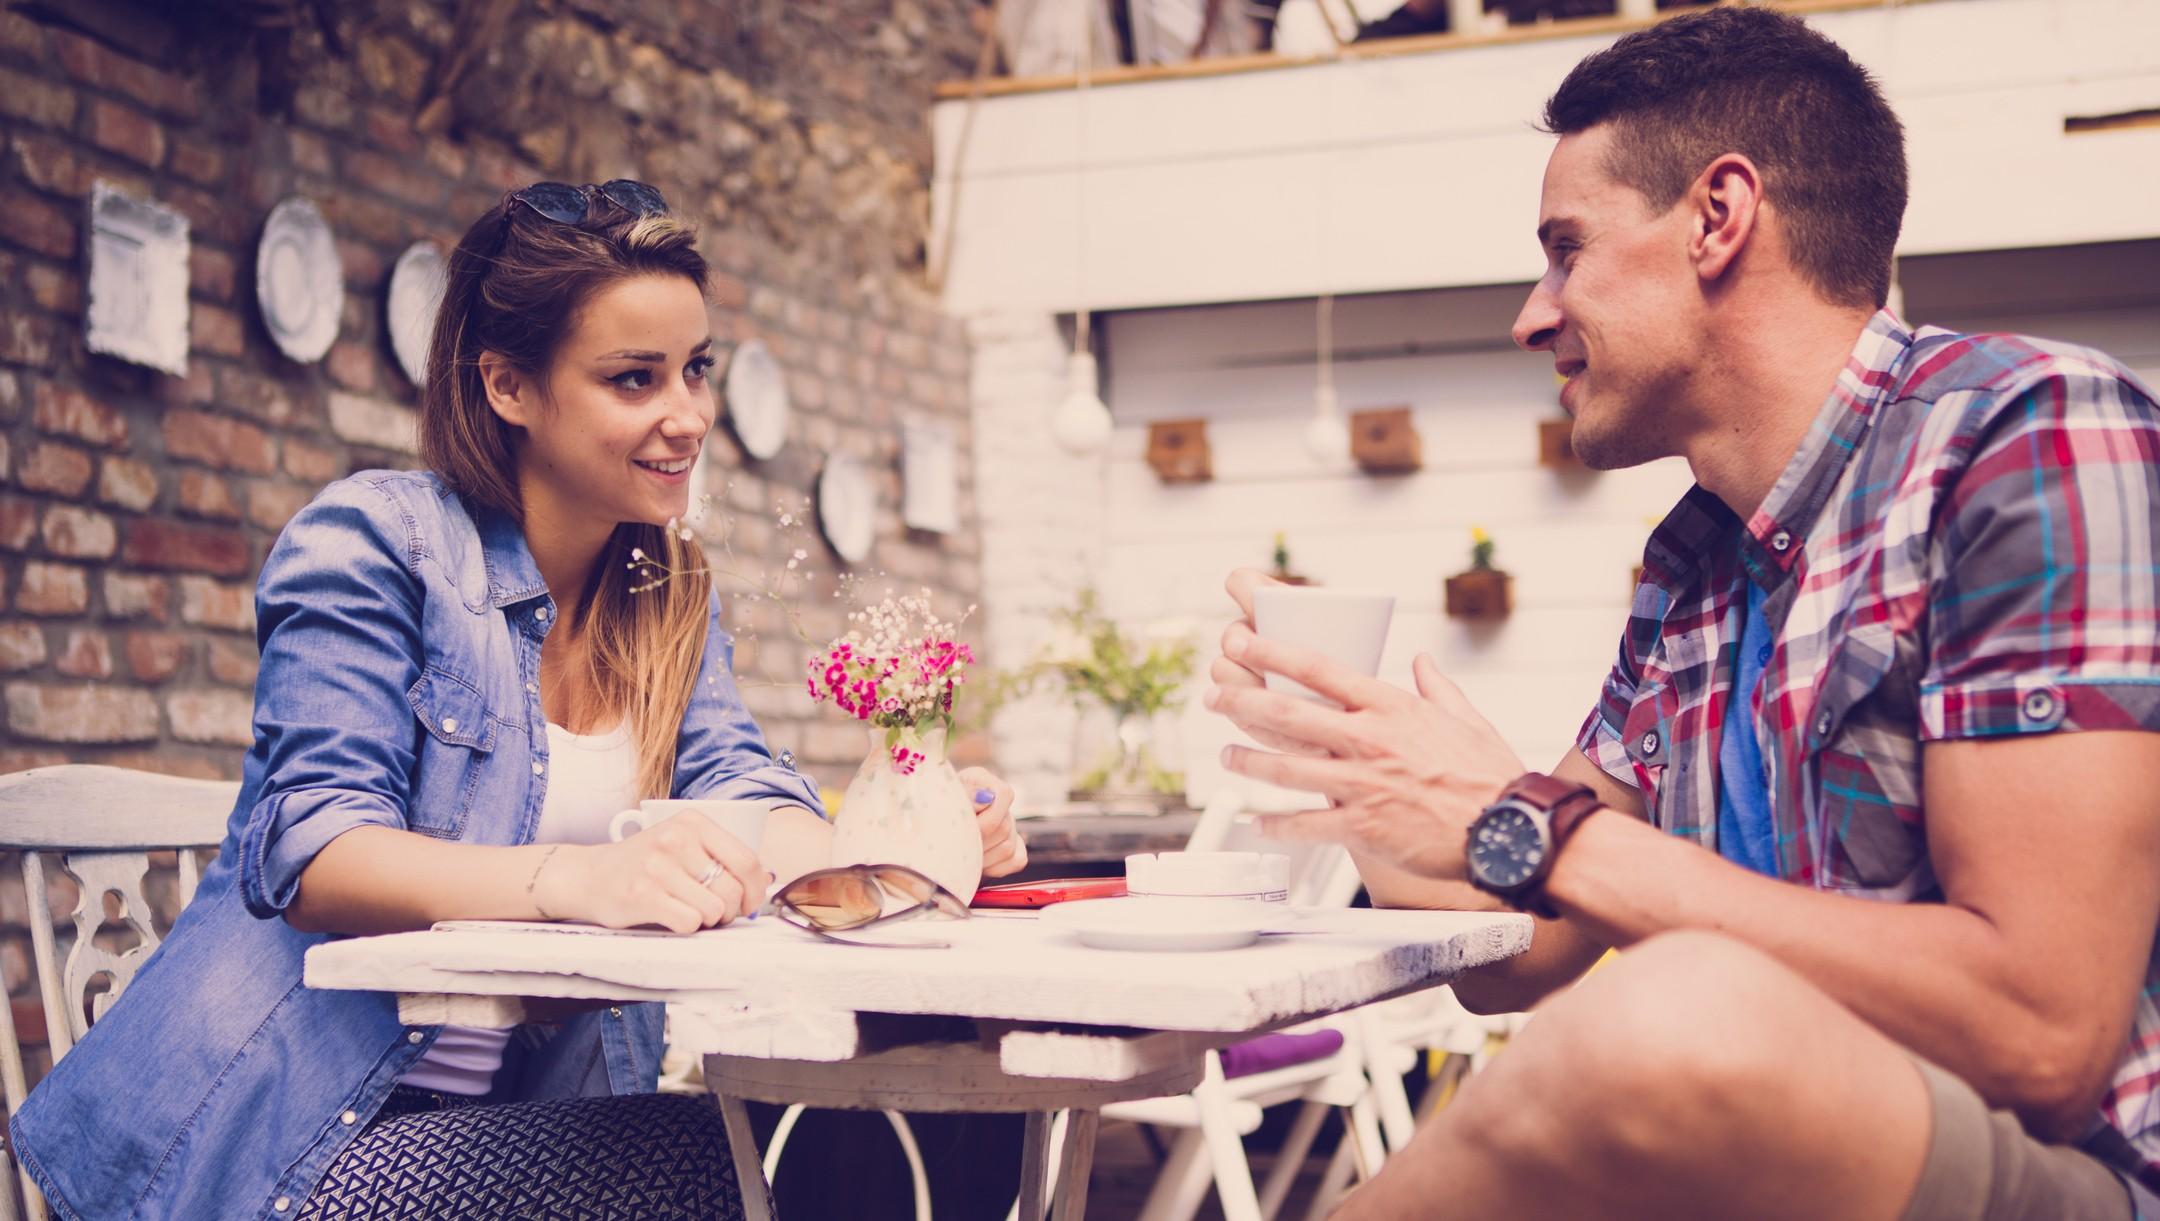 Suche nach ONLINE DATING - Tiroler Tageszeitung